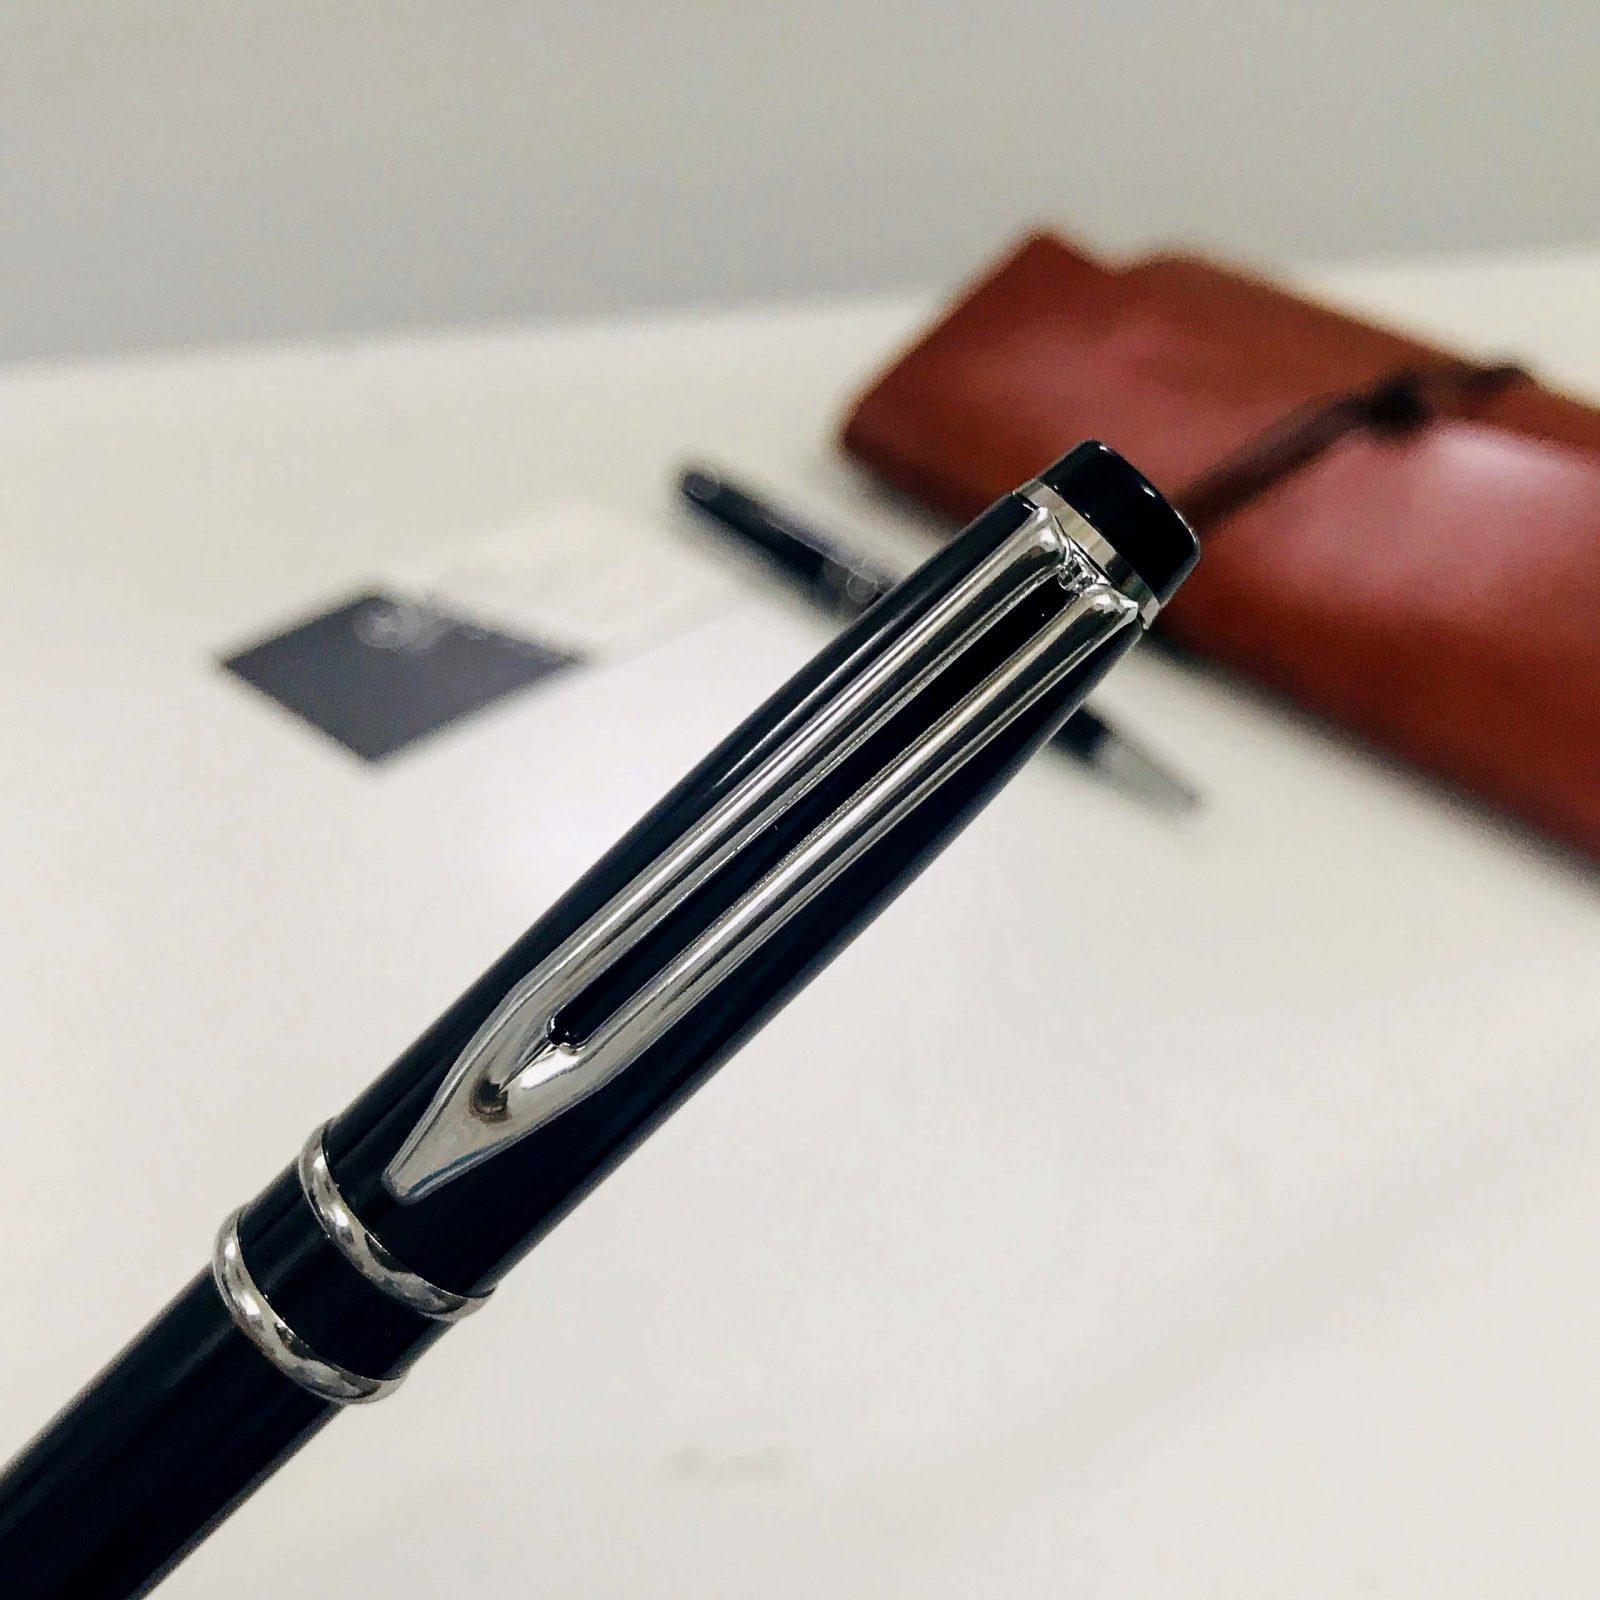 Phần giắt bút và khoen được thiết kế khá cầu kỳ và được làm nổi bật bằng màu bạc